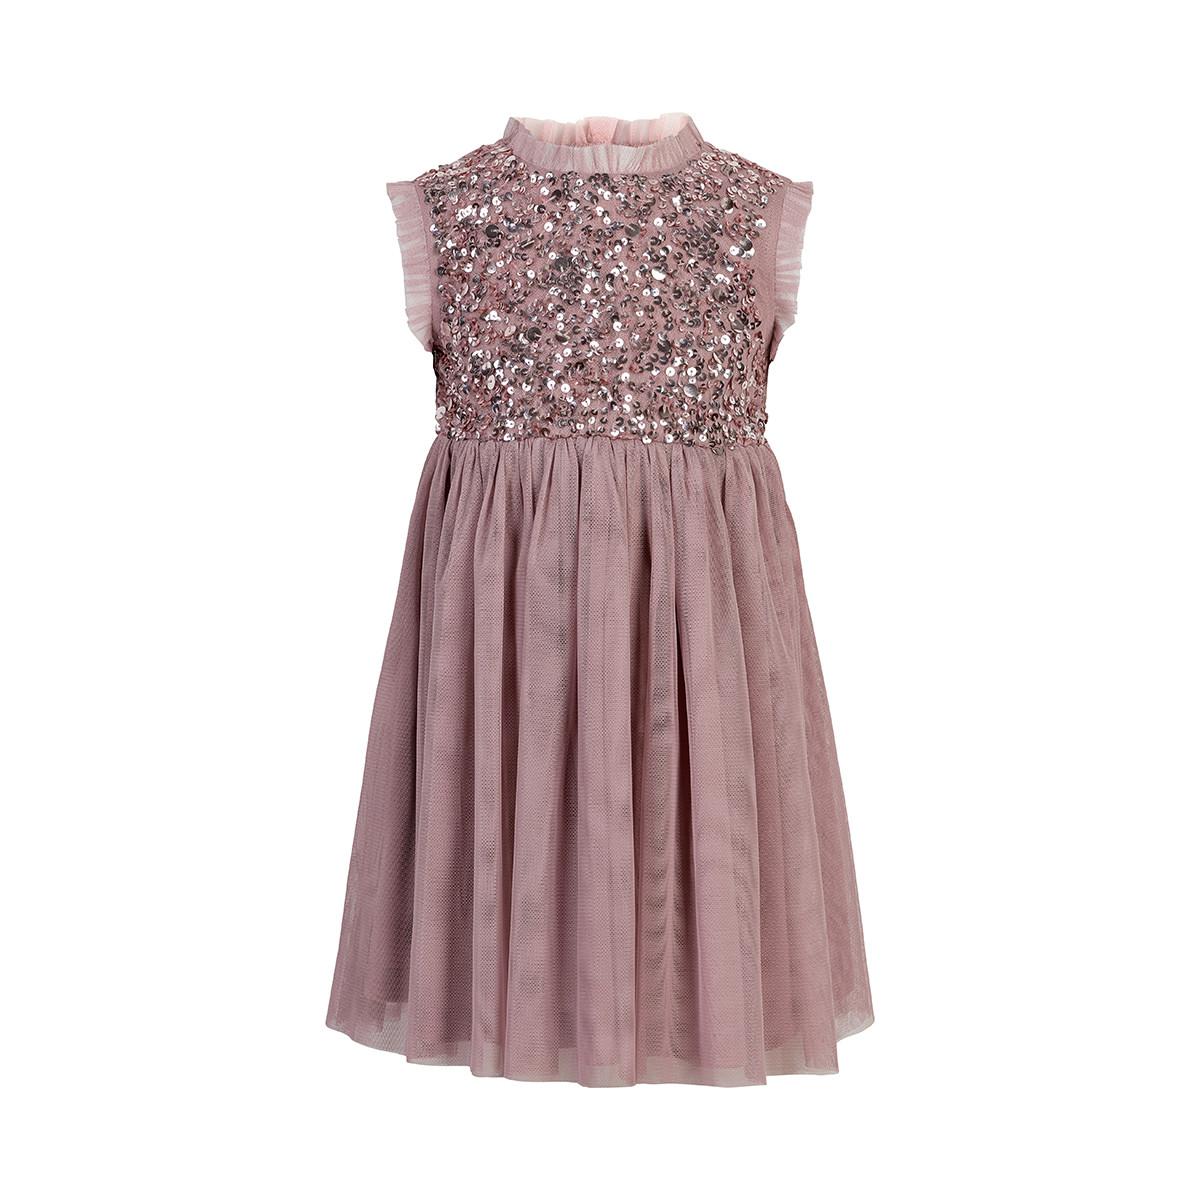 Creamie   Dress   12m-6y   840271-5707